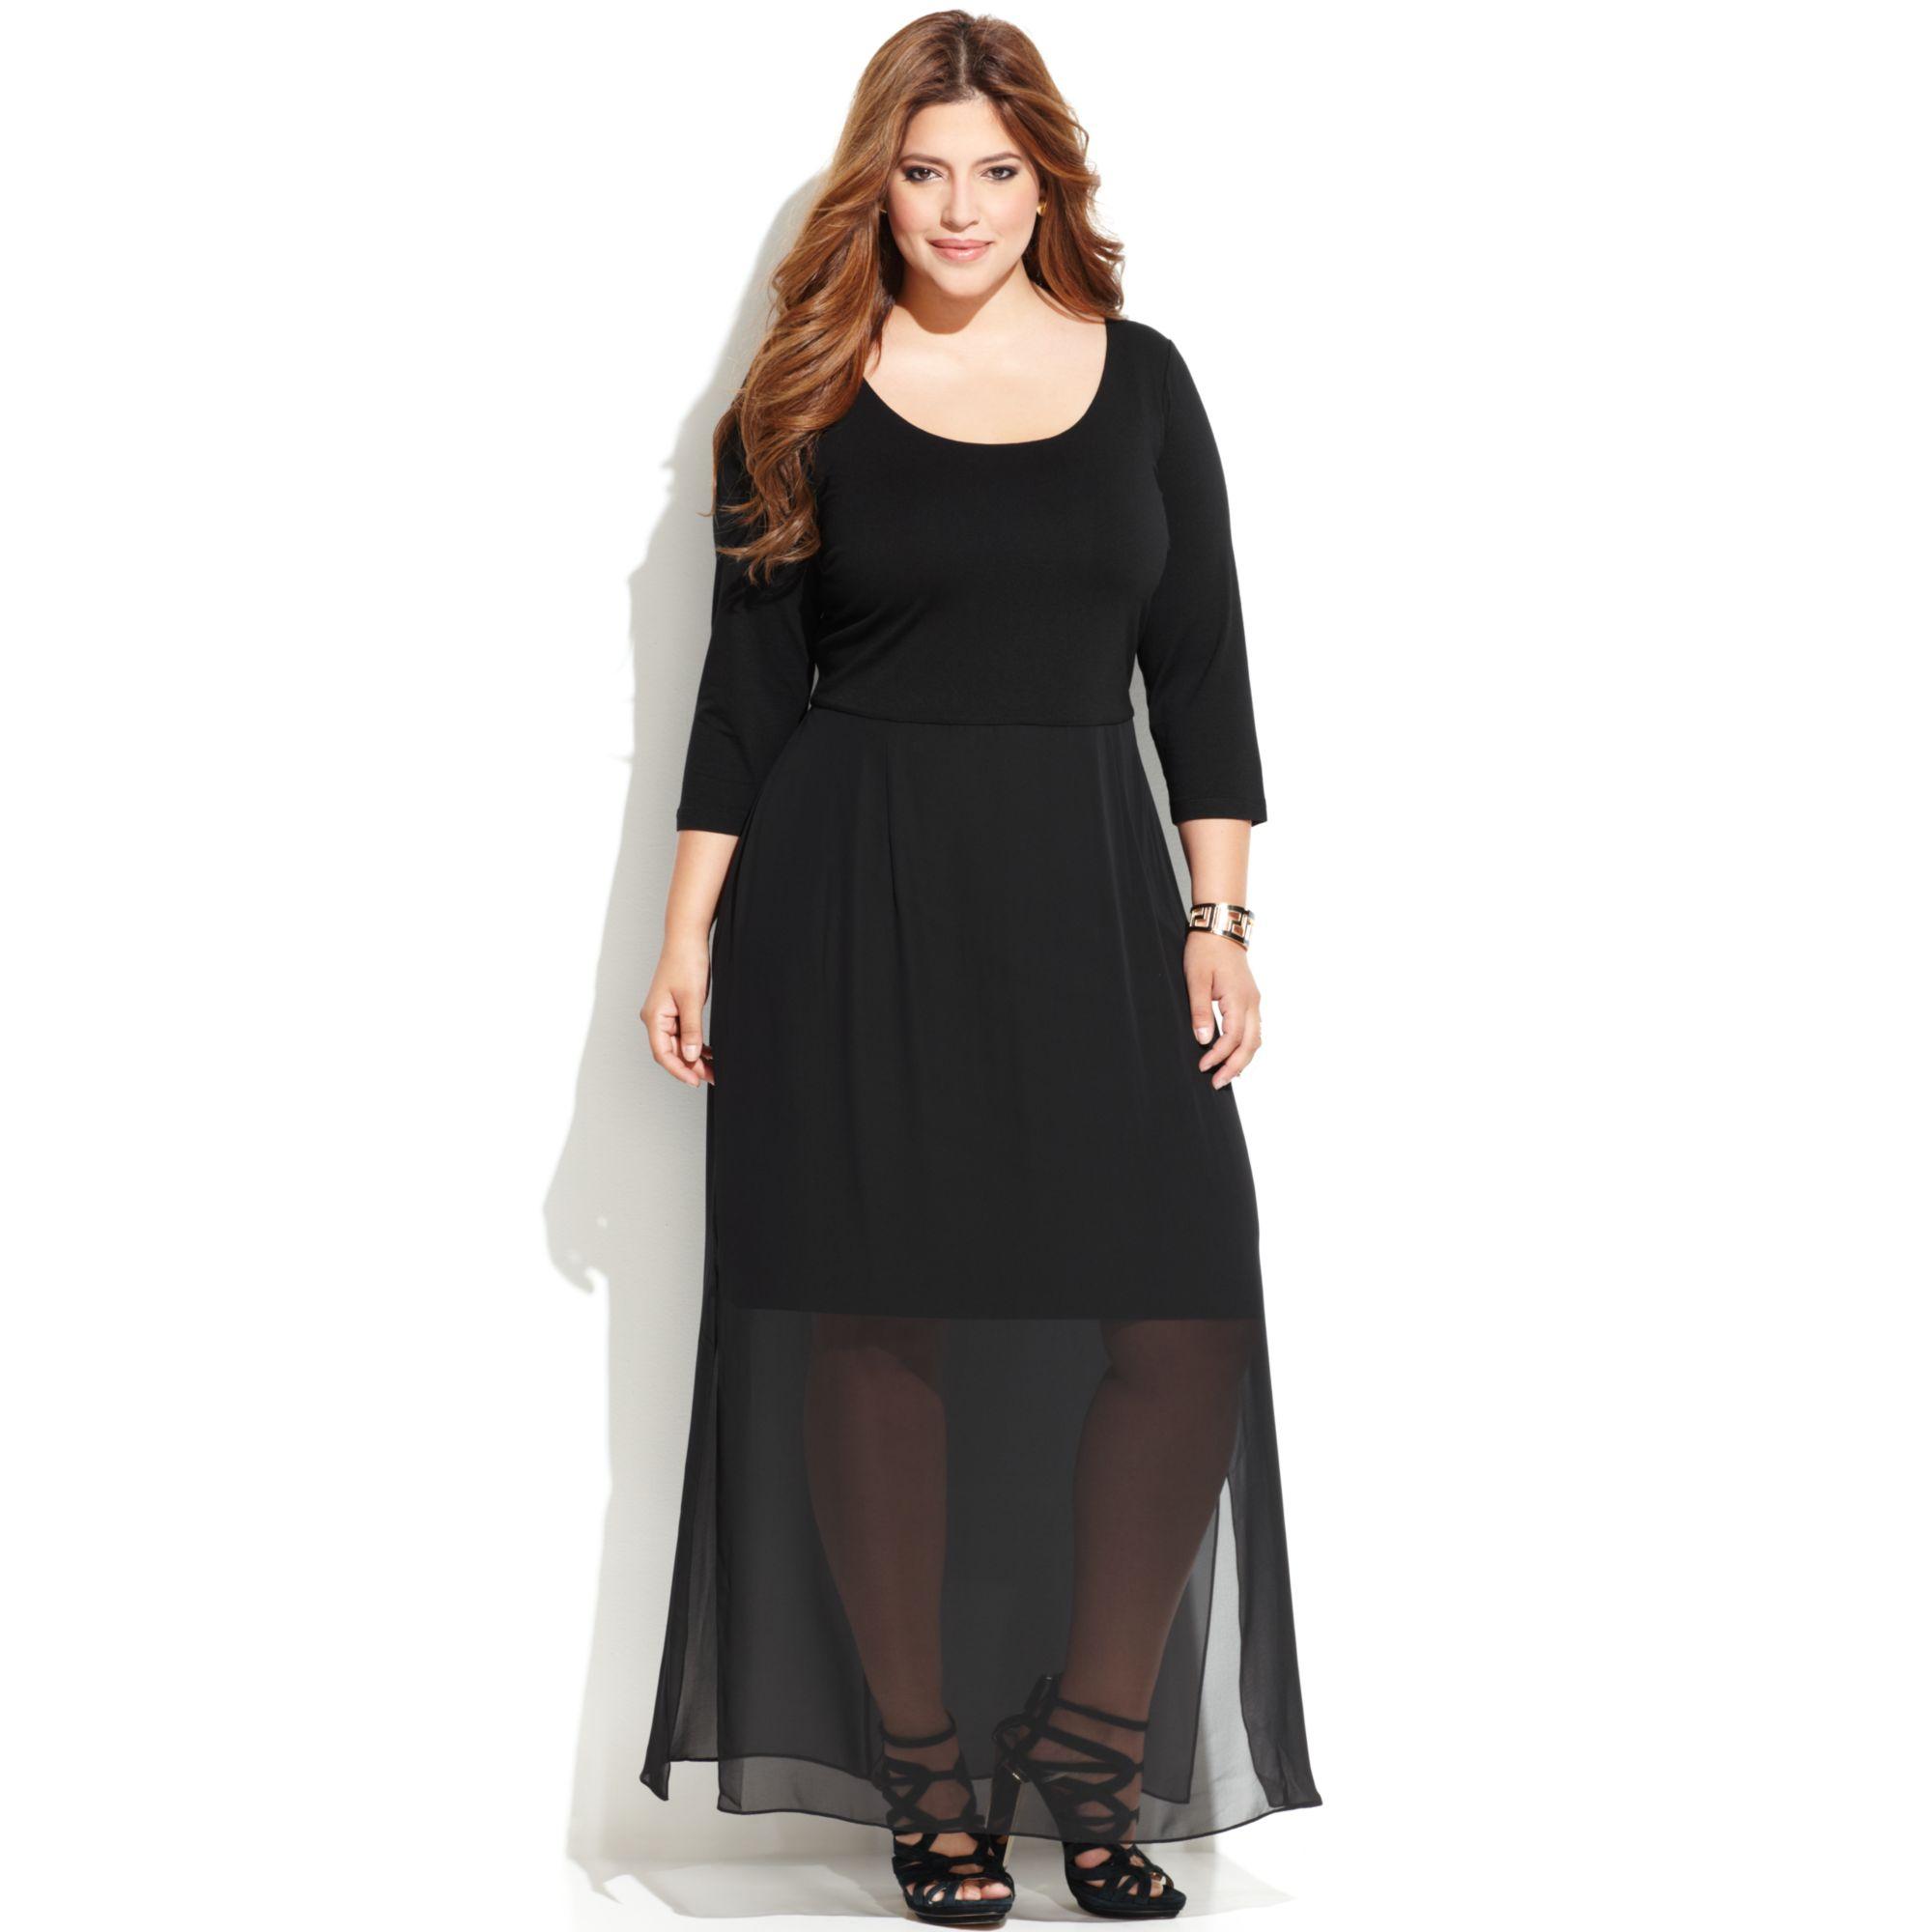 Size 0 long dresses plus